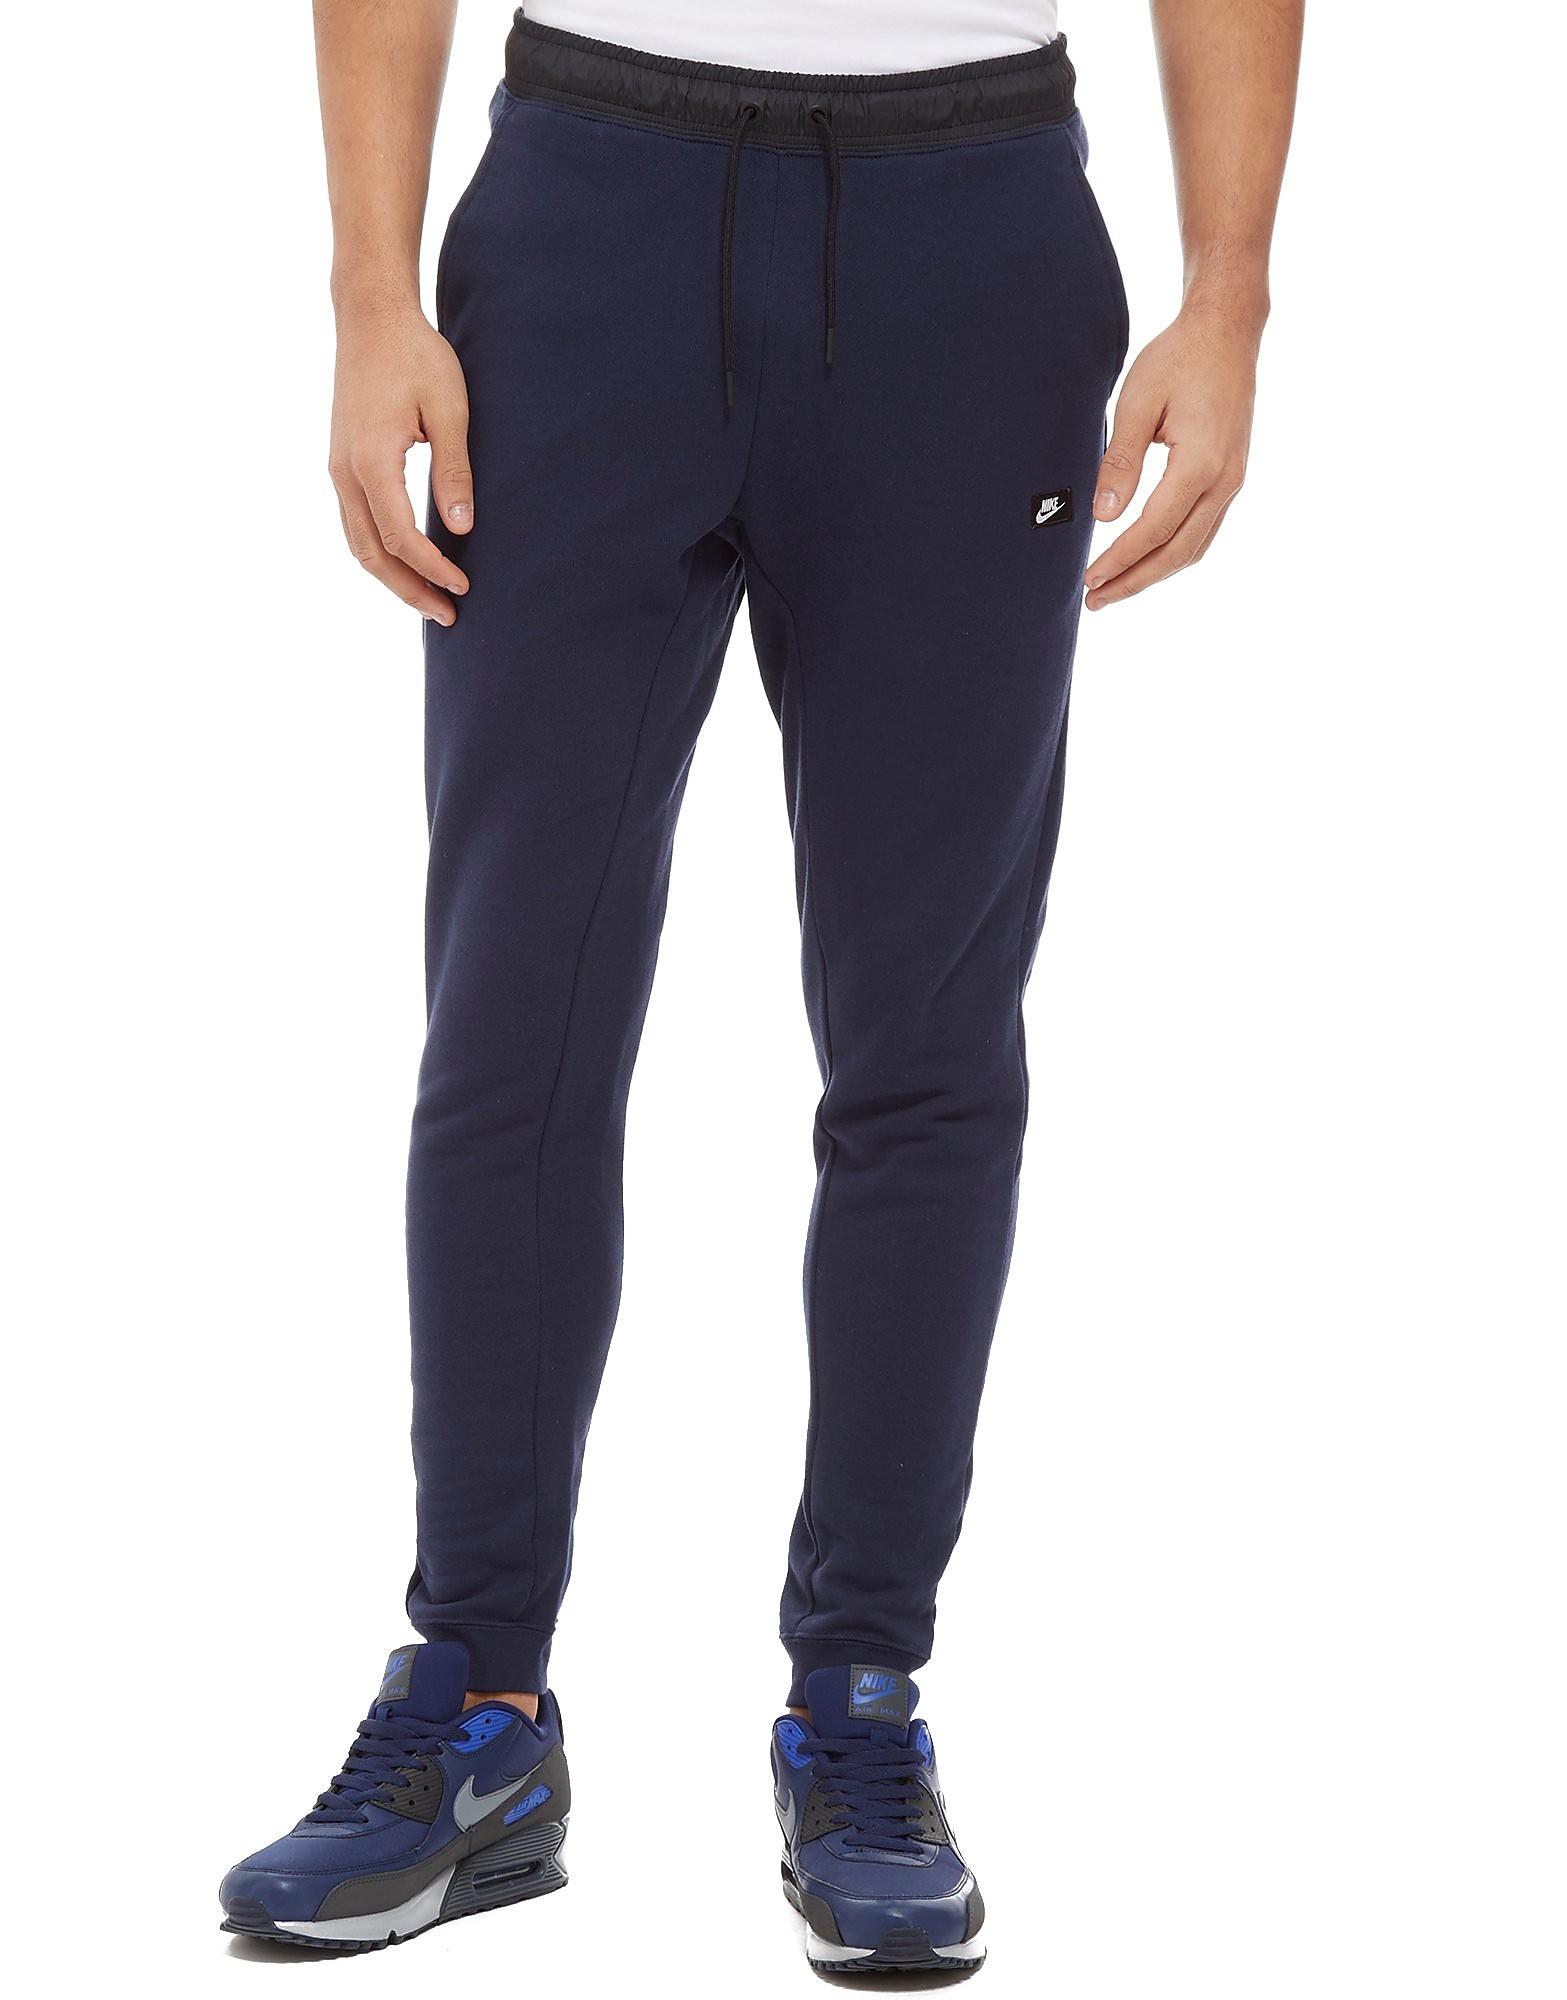 Nike Modern Essential Fleece Pants - bleu/noir, bleu/noir